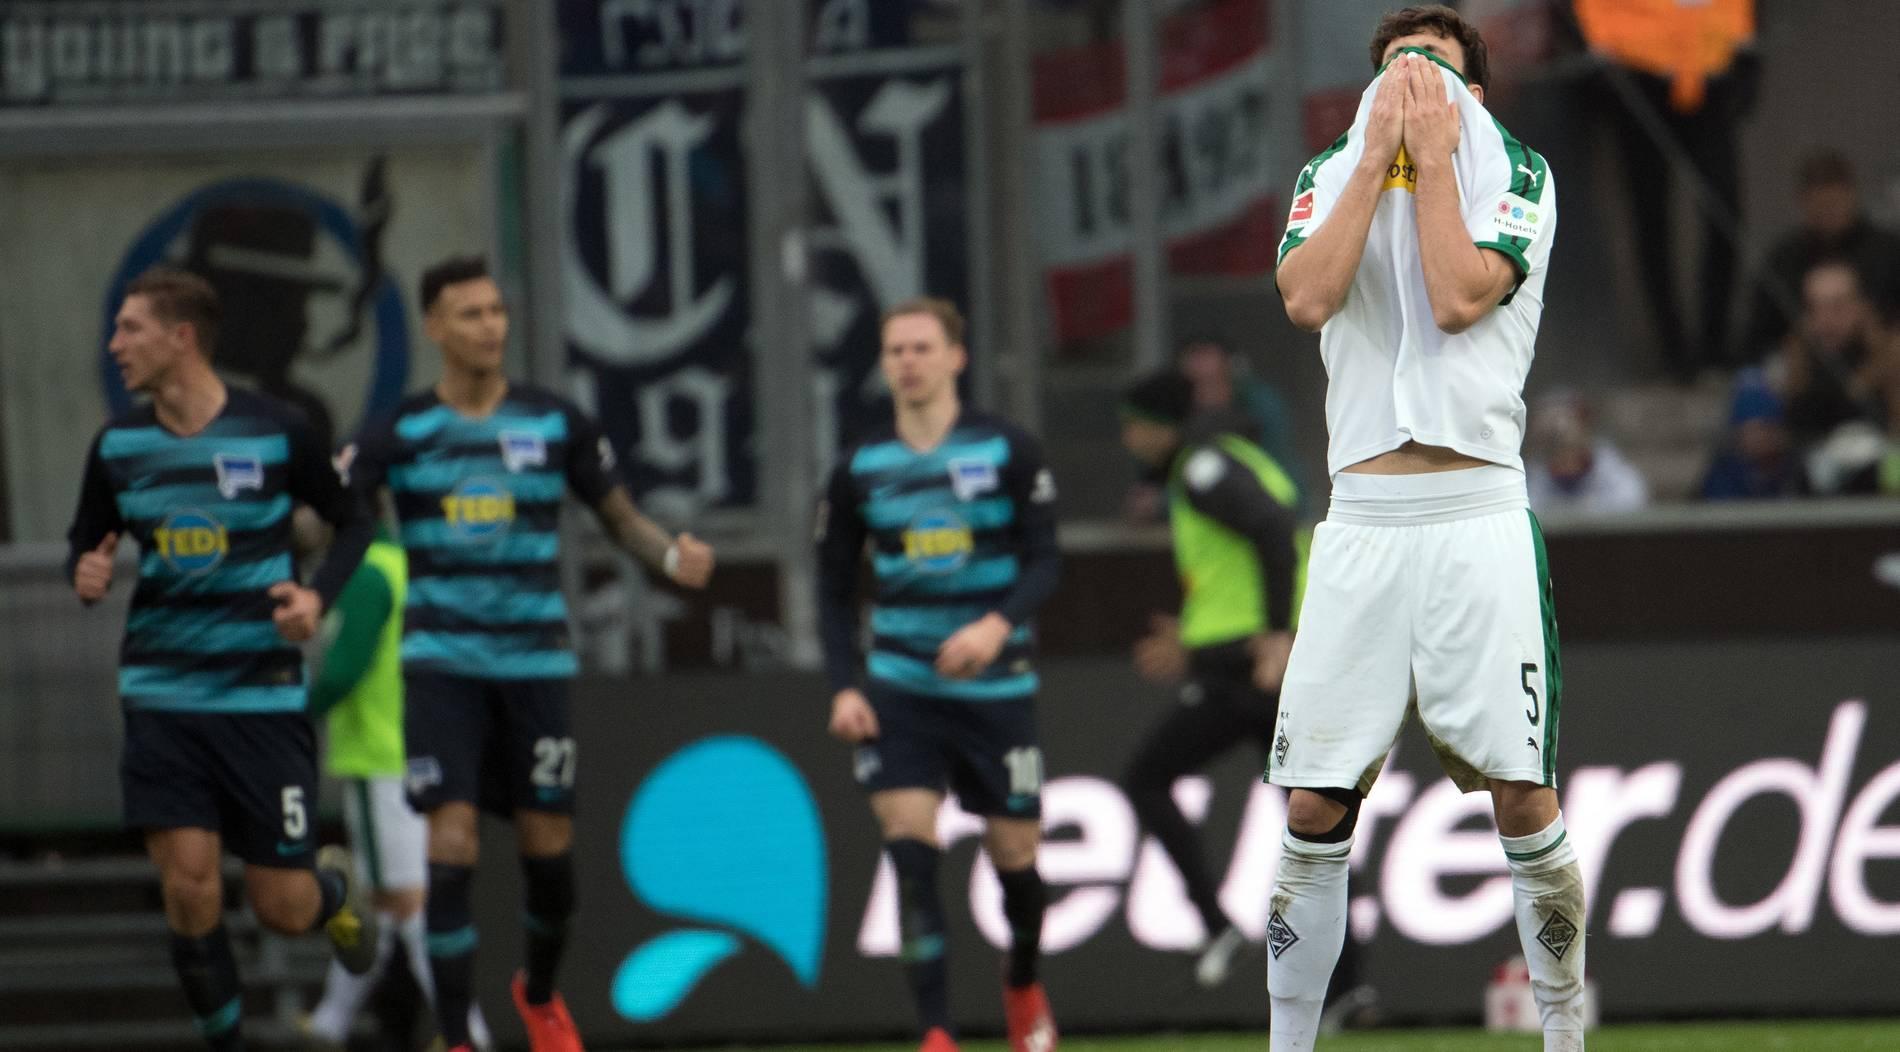 Borussia bleibt gegen Hertha im Rhythmus